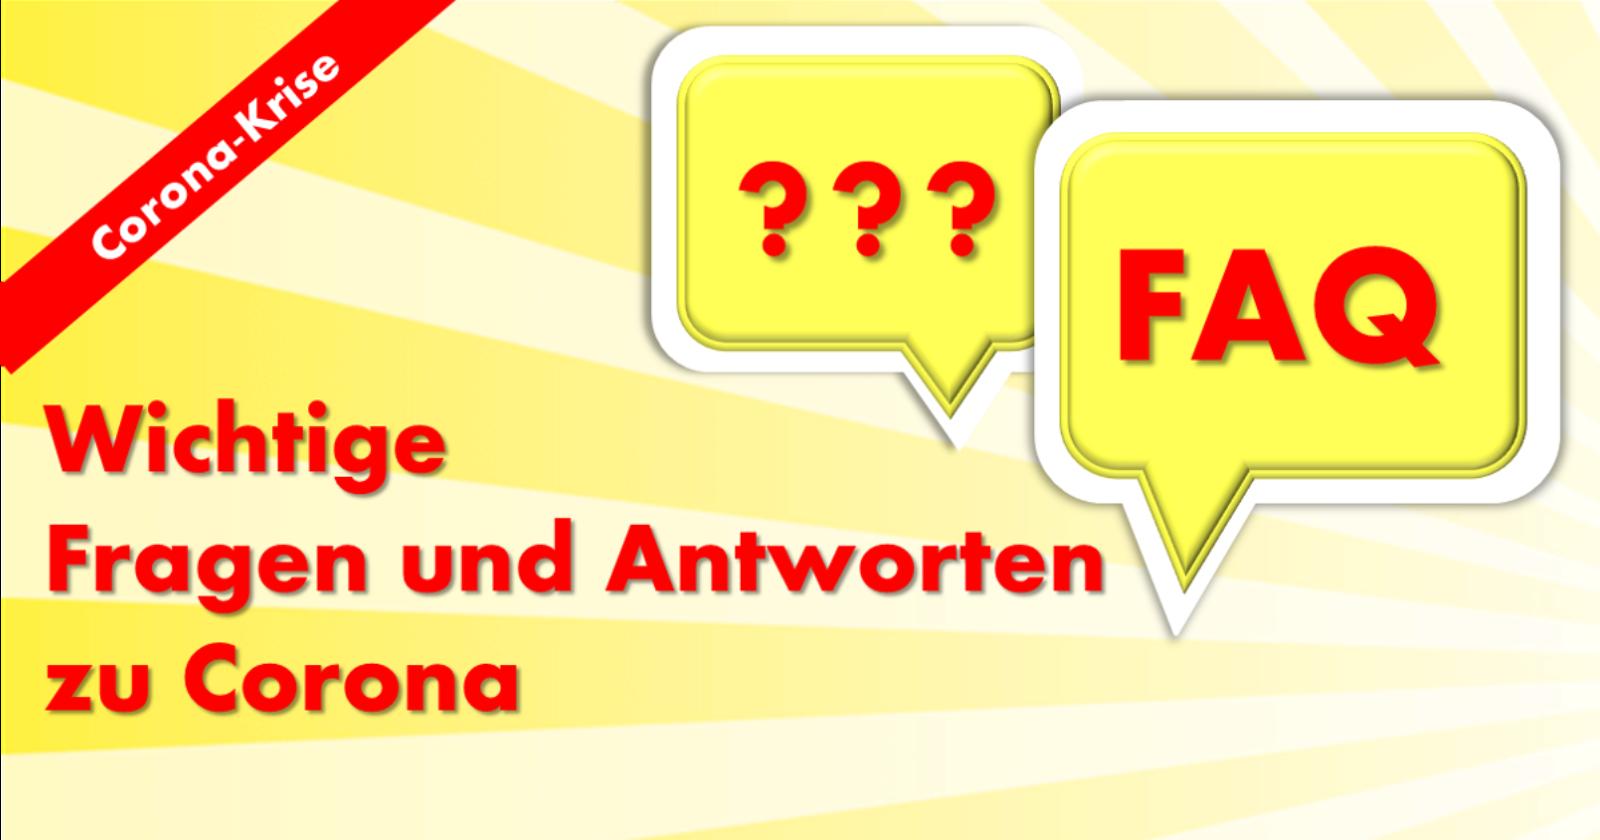 FAQ Corona - Wichtige Fragen und Antworten zu Corona